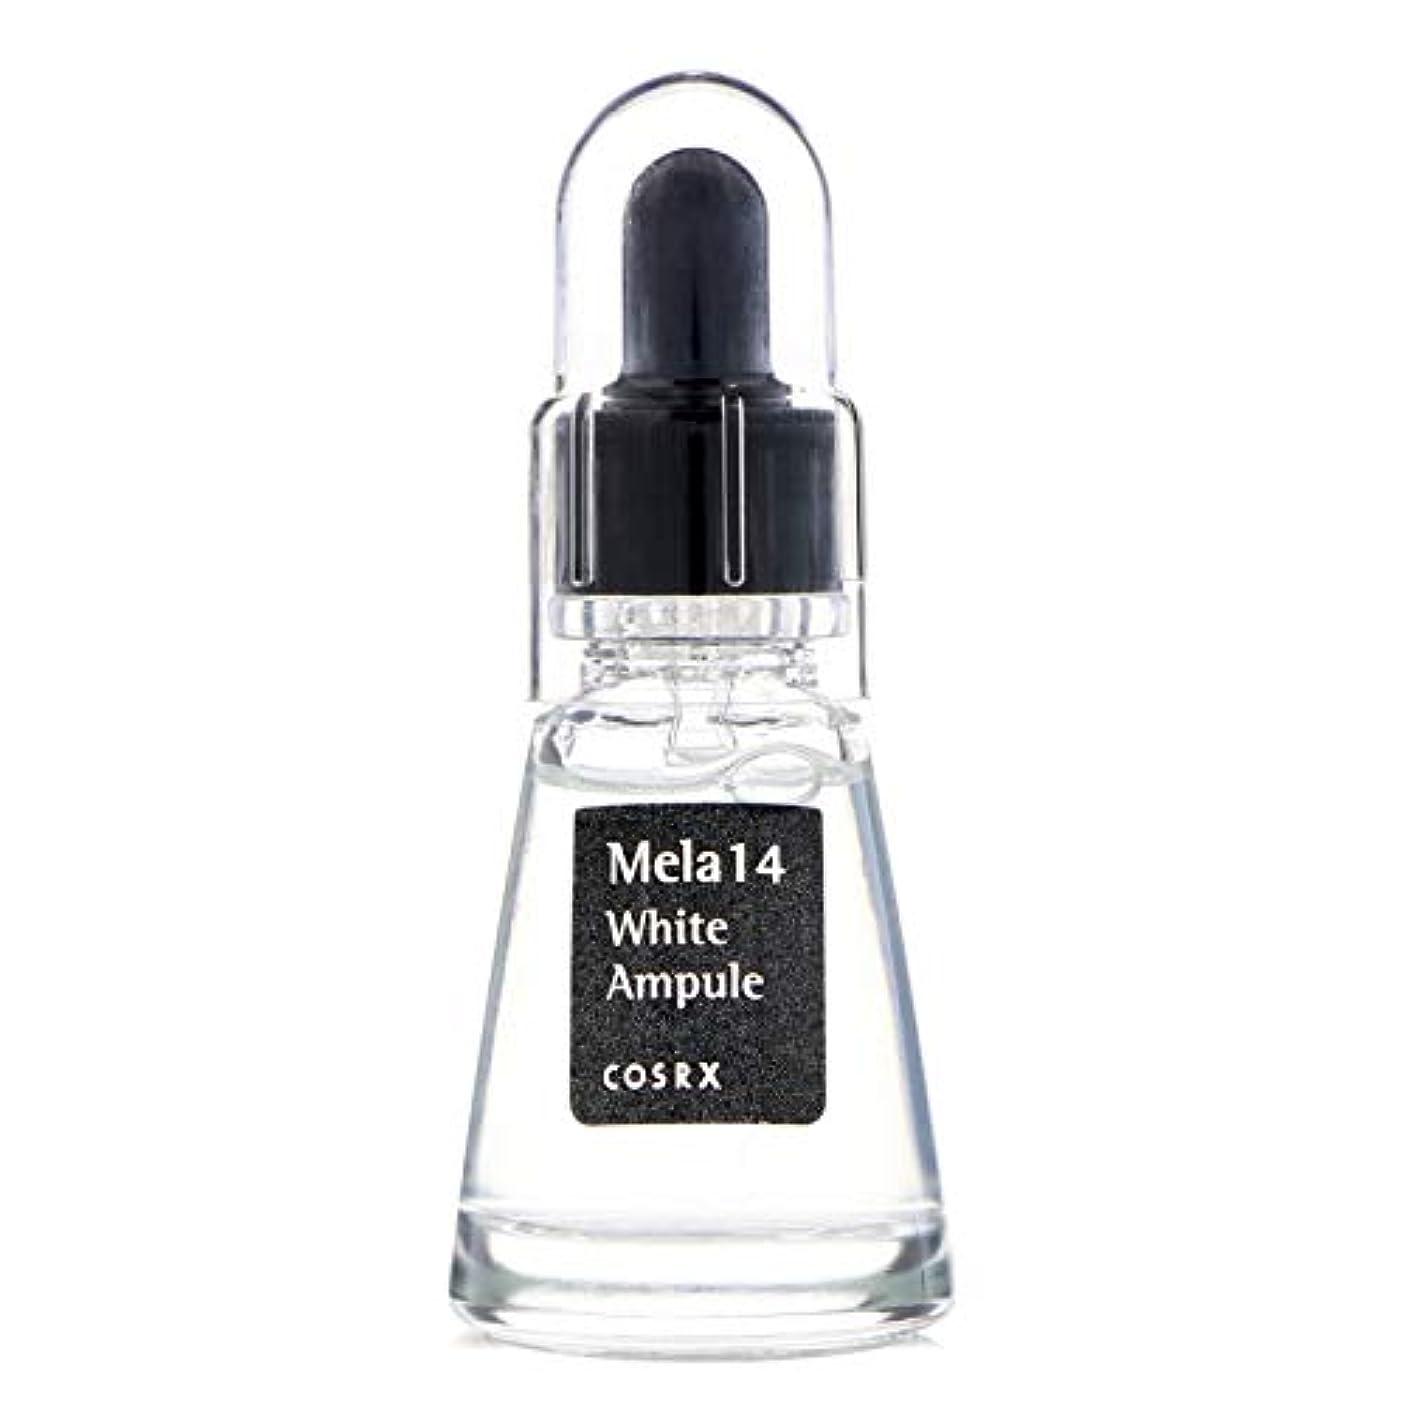 配送フェンスショッピングセンター(6 Pack) COSRX Mela 14 White Ampule (並行輸入品)